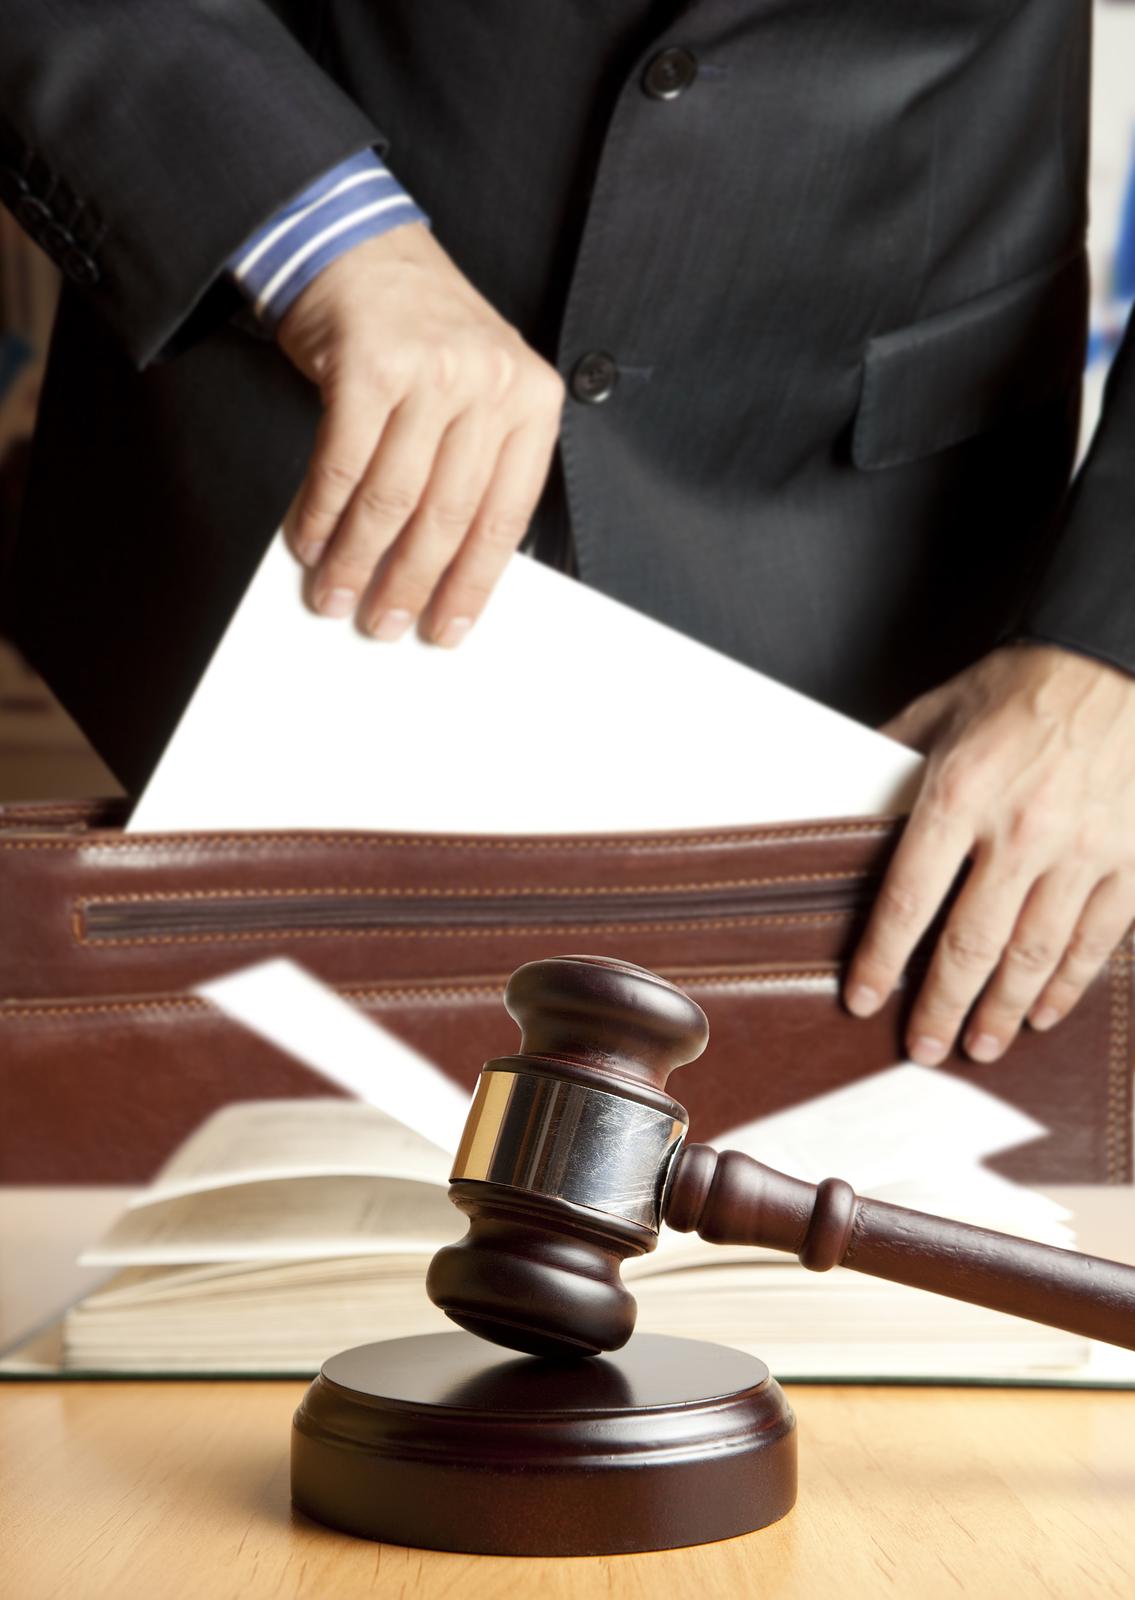 судебное решение в уголовном процессе